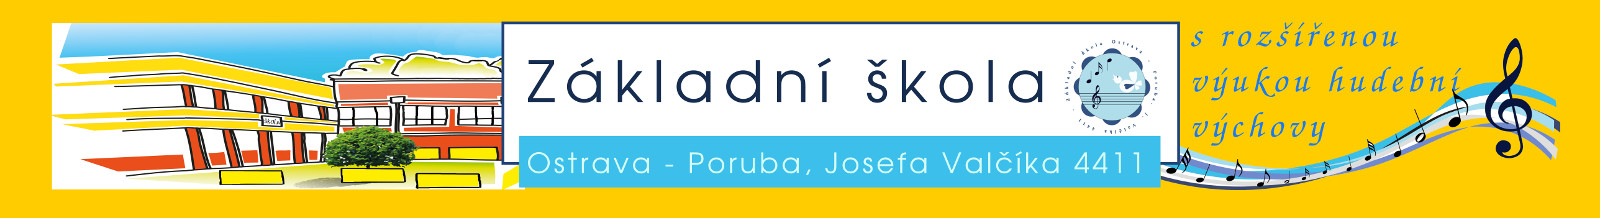 Základní škola J. Valčíka s rozšířenou výukou hudební výchovy